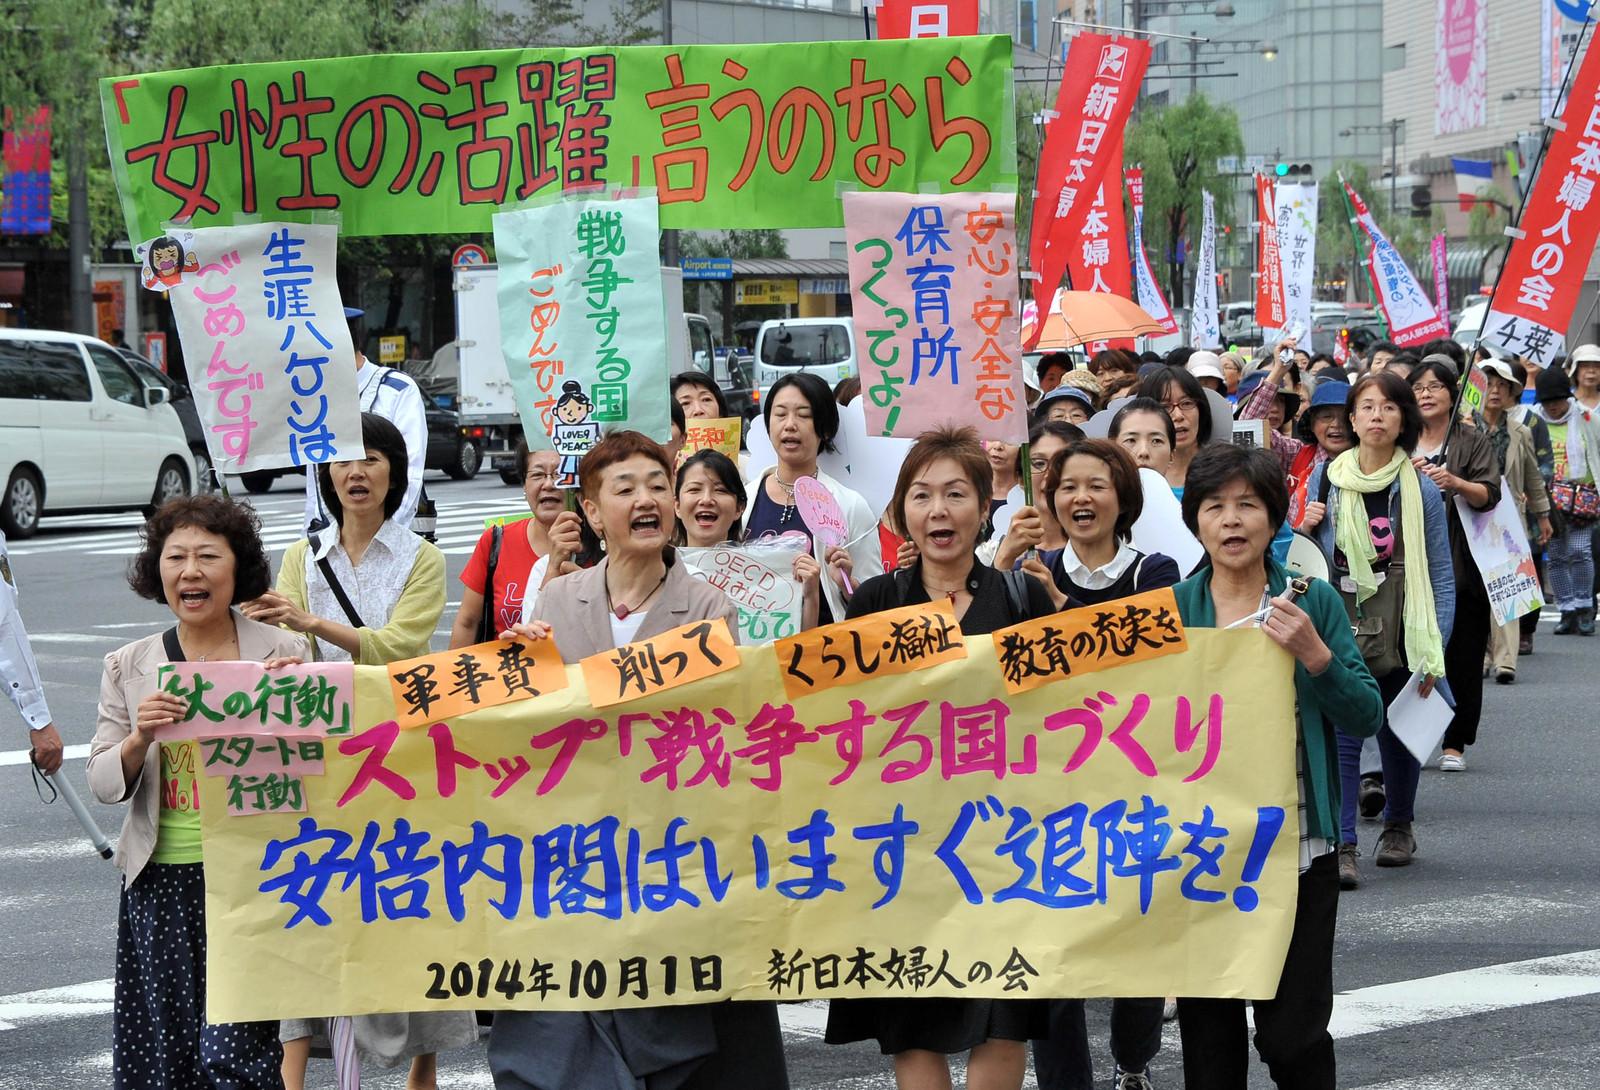 「戦争する国」づくりストップ、安倍内閣の退陣を訴えて銀座をパレードする新婦人の人たち=1日、東京都中央区